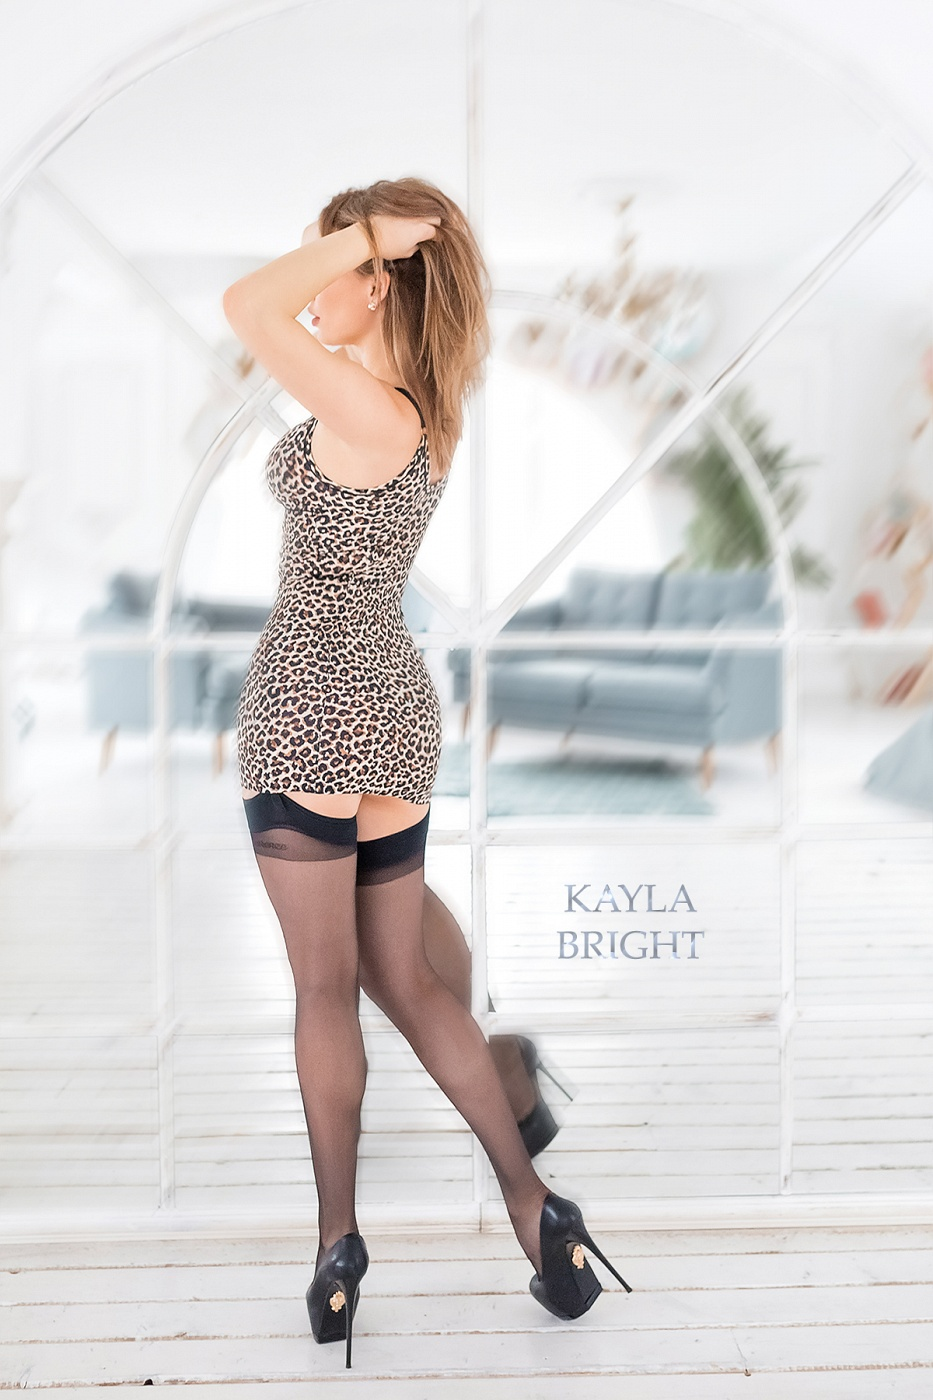 Kayla Bright